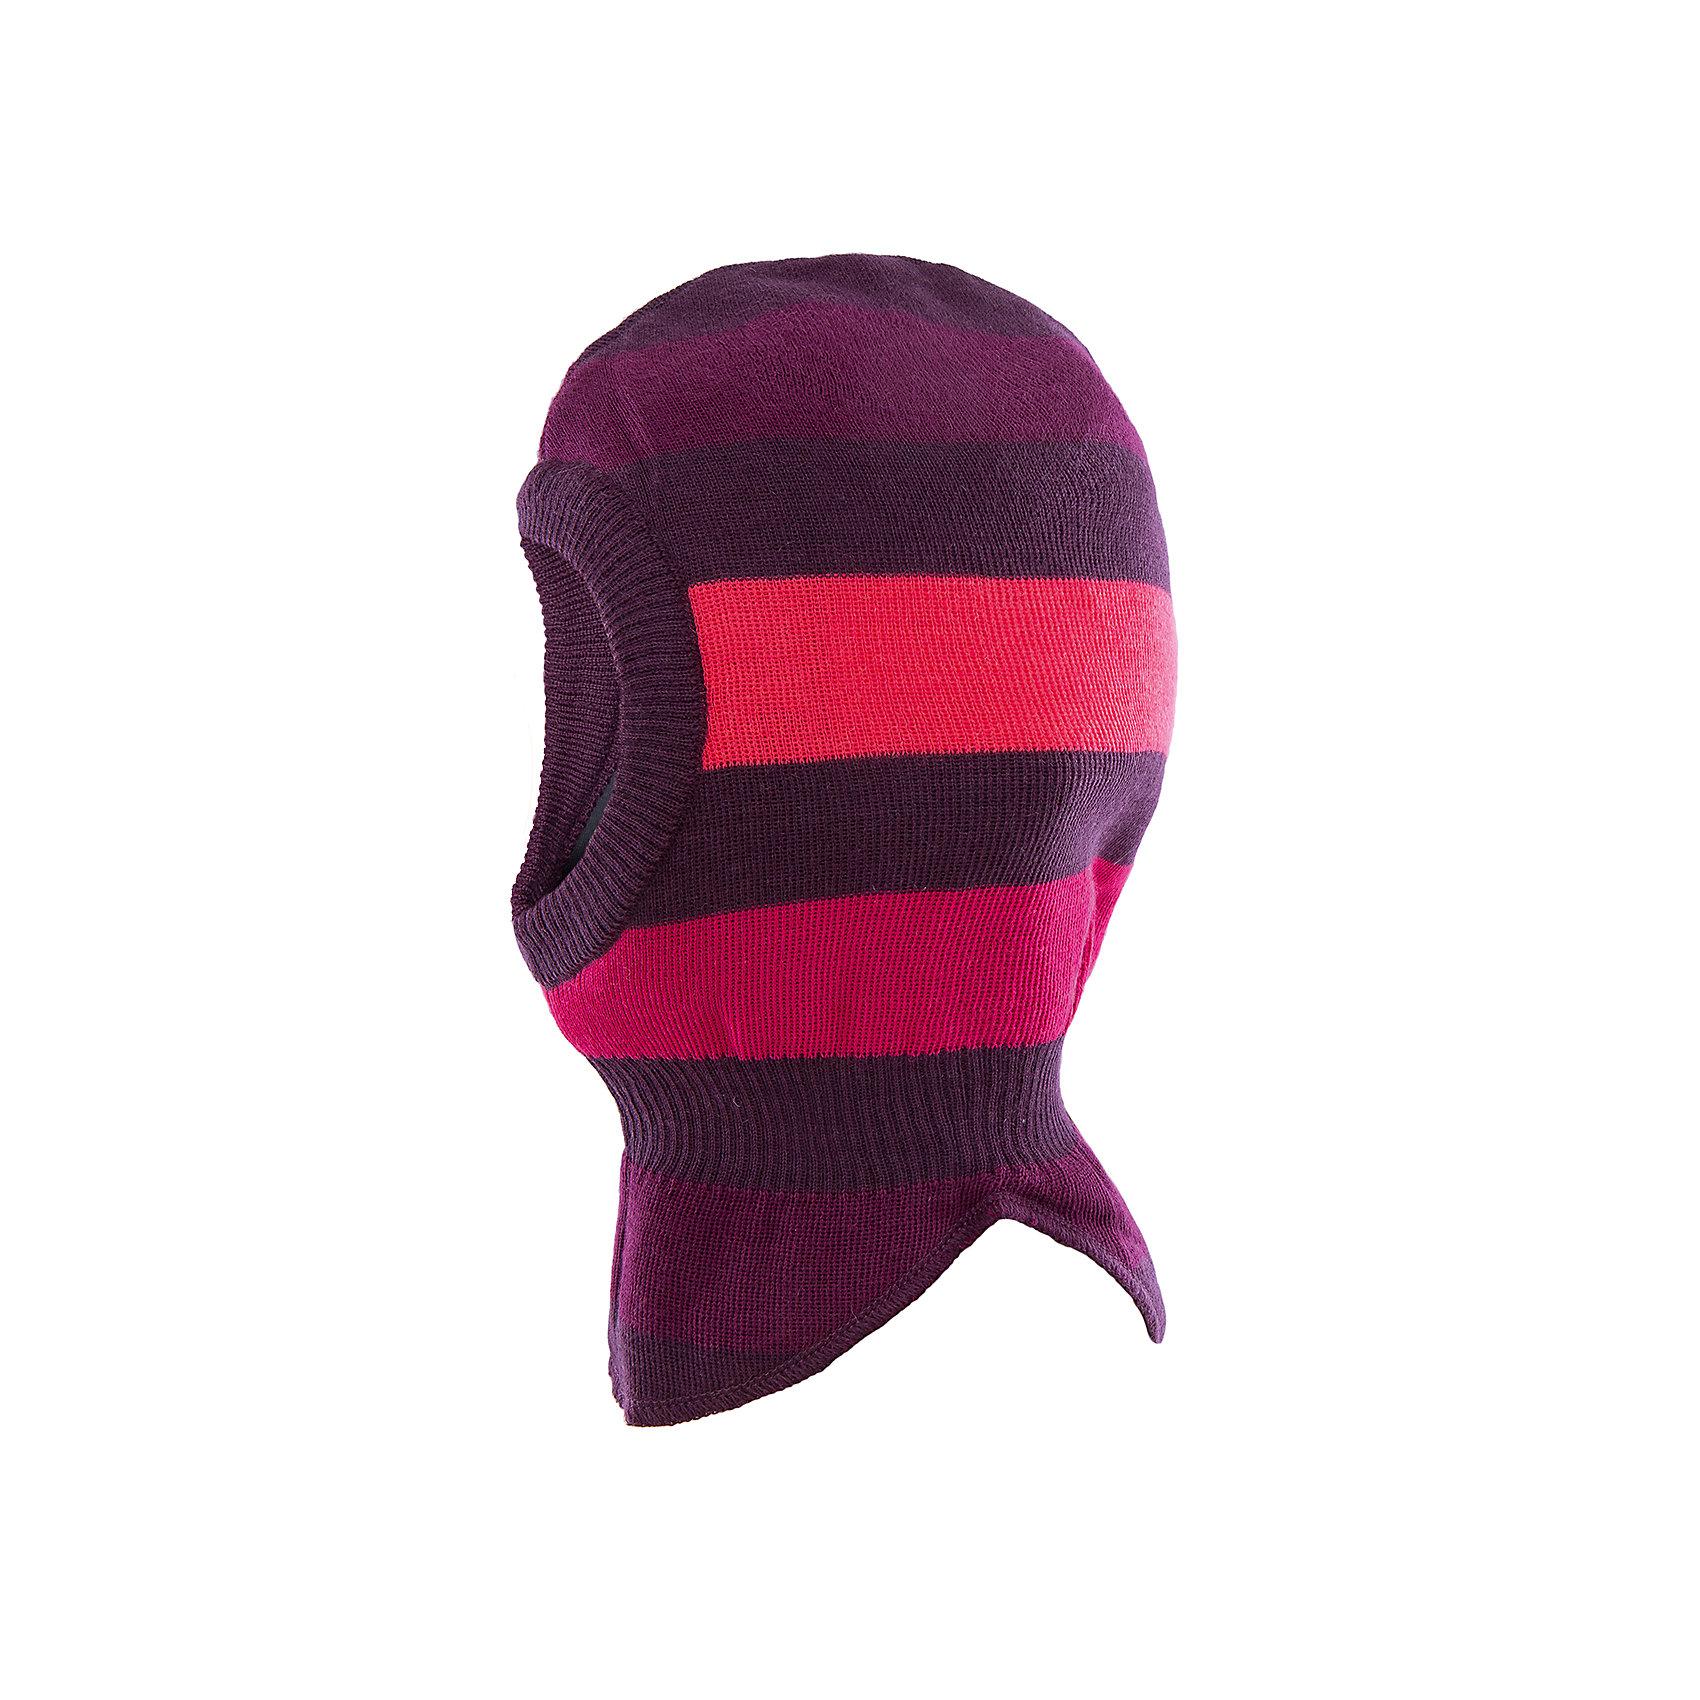 Шапка LASSIE by ReimaШапка-шлем для малышей известной финской марки.<br><br>- Мягкая и теплая ткань из смеси шерсти.<br>- Ветронепроницаемые вставки в области ушей. <br>- Мягкая подкладка из хлопка и эластана. <br>- Легкая степень утепления. <br>- Спортивные полоски. <br>- Светоотражающая эмблема Lassie®. <br><br>Рекомендации по уходу: Придать первоначальную форму вo влажном виде. Возможна усадка 5 %.<br><br>Состав: 50% Шерсть, 50% полиакрил.  Утеплитель «Lassie wadding» 40гр.<br><br>Ширина мм: 89<br>Глубина мм: 117<br>Высота мм: 44<br>Вес г: 155<br>Цвет: фиолетовый<br>Возраст от месяцев: 36<br>Возраст до месяцев: 60<br>Пол: Женский<br>Возраст: Детский<br>Размер: 50-52,44-46,46-48<br>SKU: 4781109